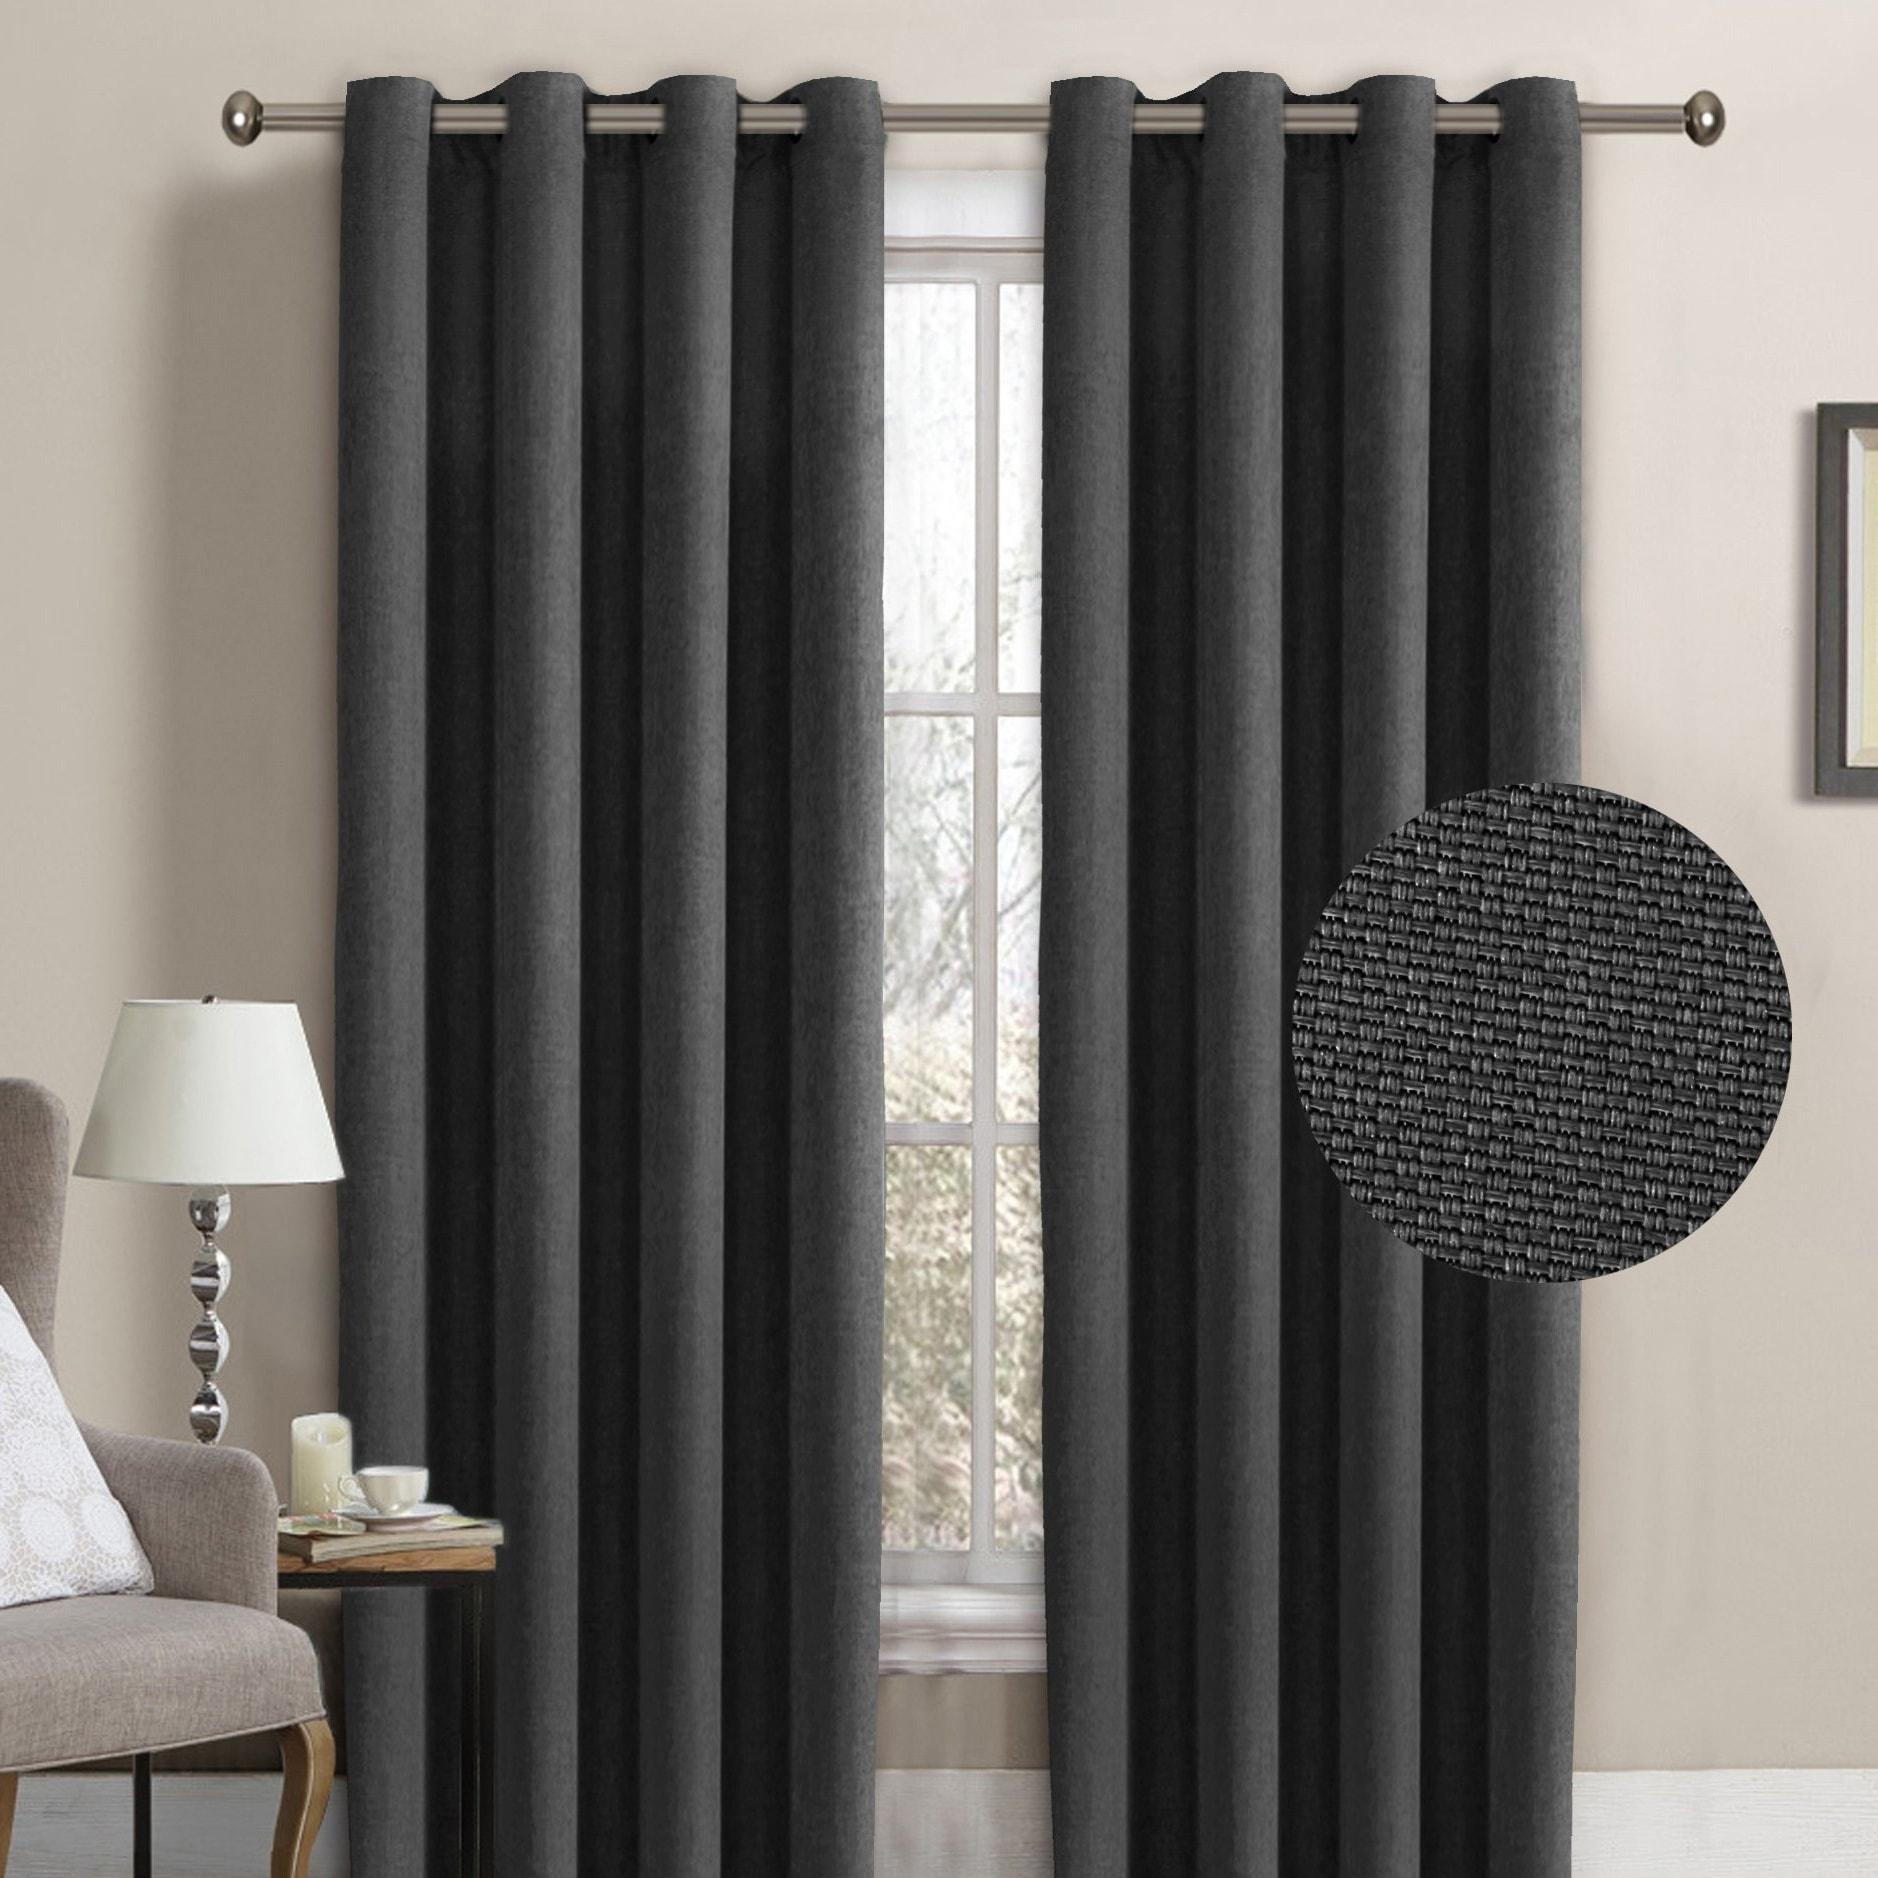 H Versailtex Room Darkening Grommet Faux Linen Curtain Panel 1 Pack Overstock 18114729